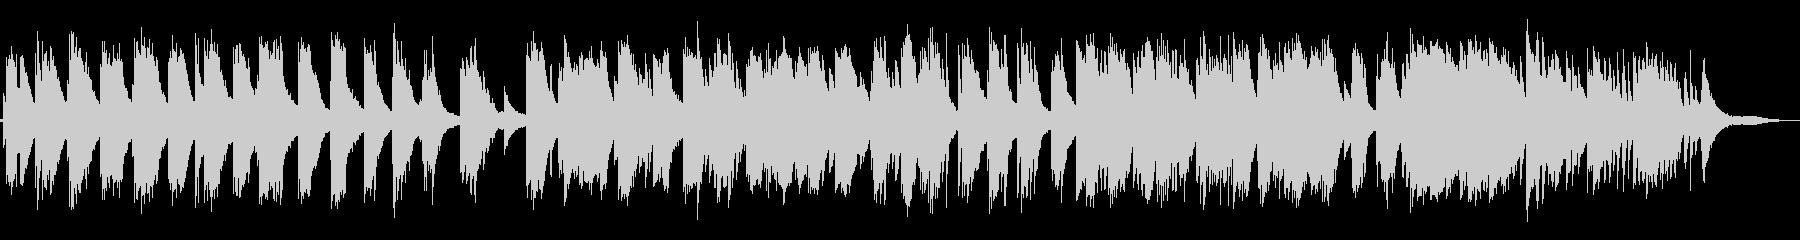 穏やかなピアノの未再生の波形